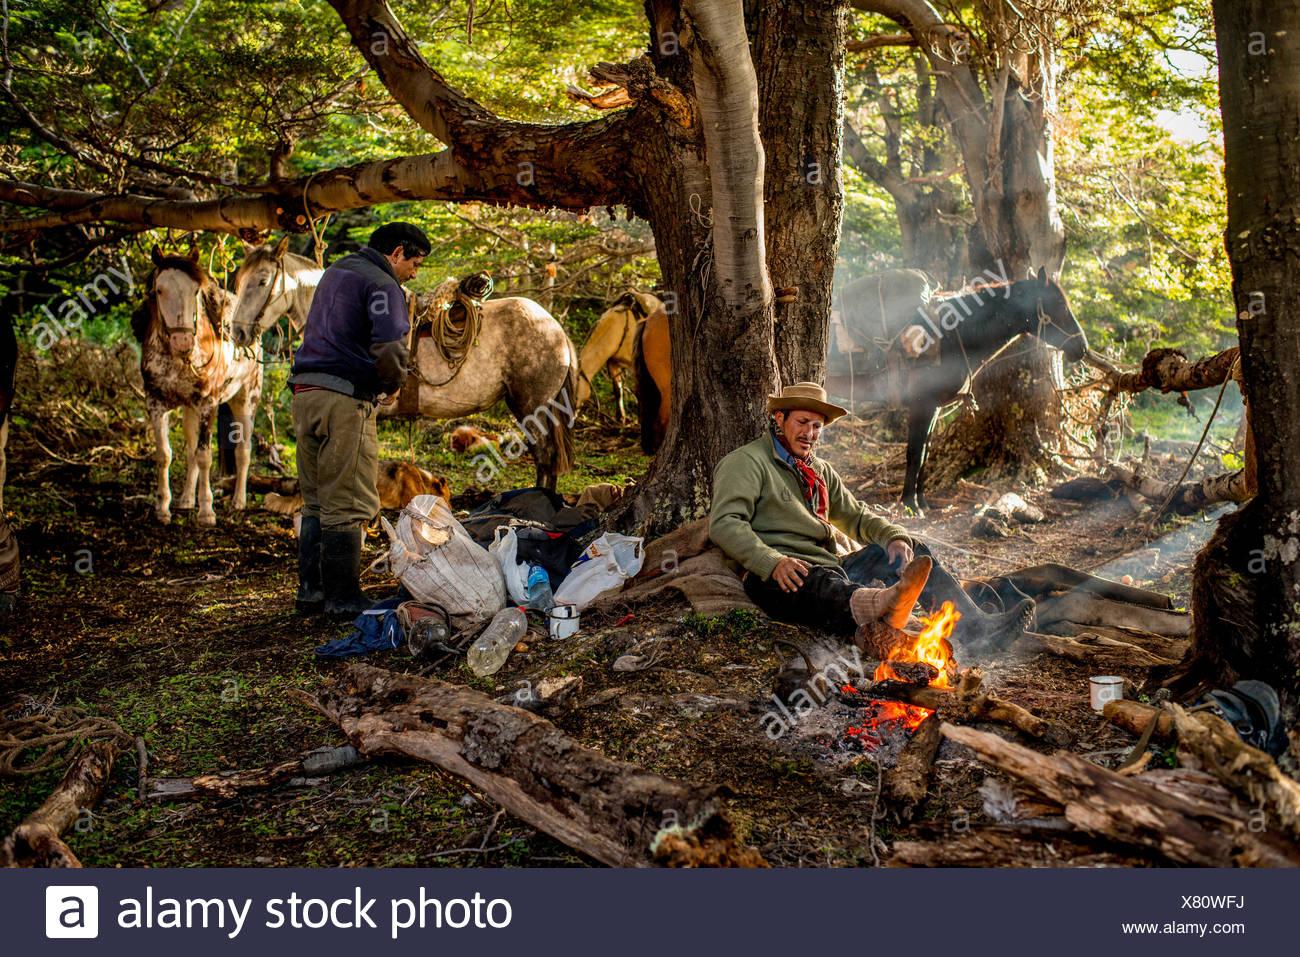 Bagualeros, Cowboys, die wilden Tiere erfassen frühstücken und Pferde auf einer Reise zu laden. Stockfoto